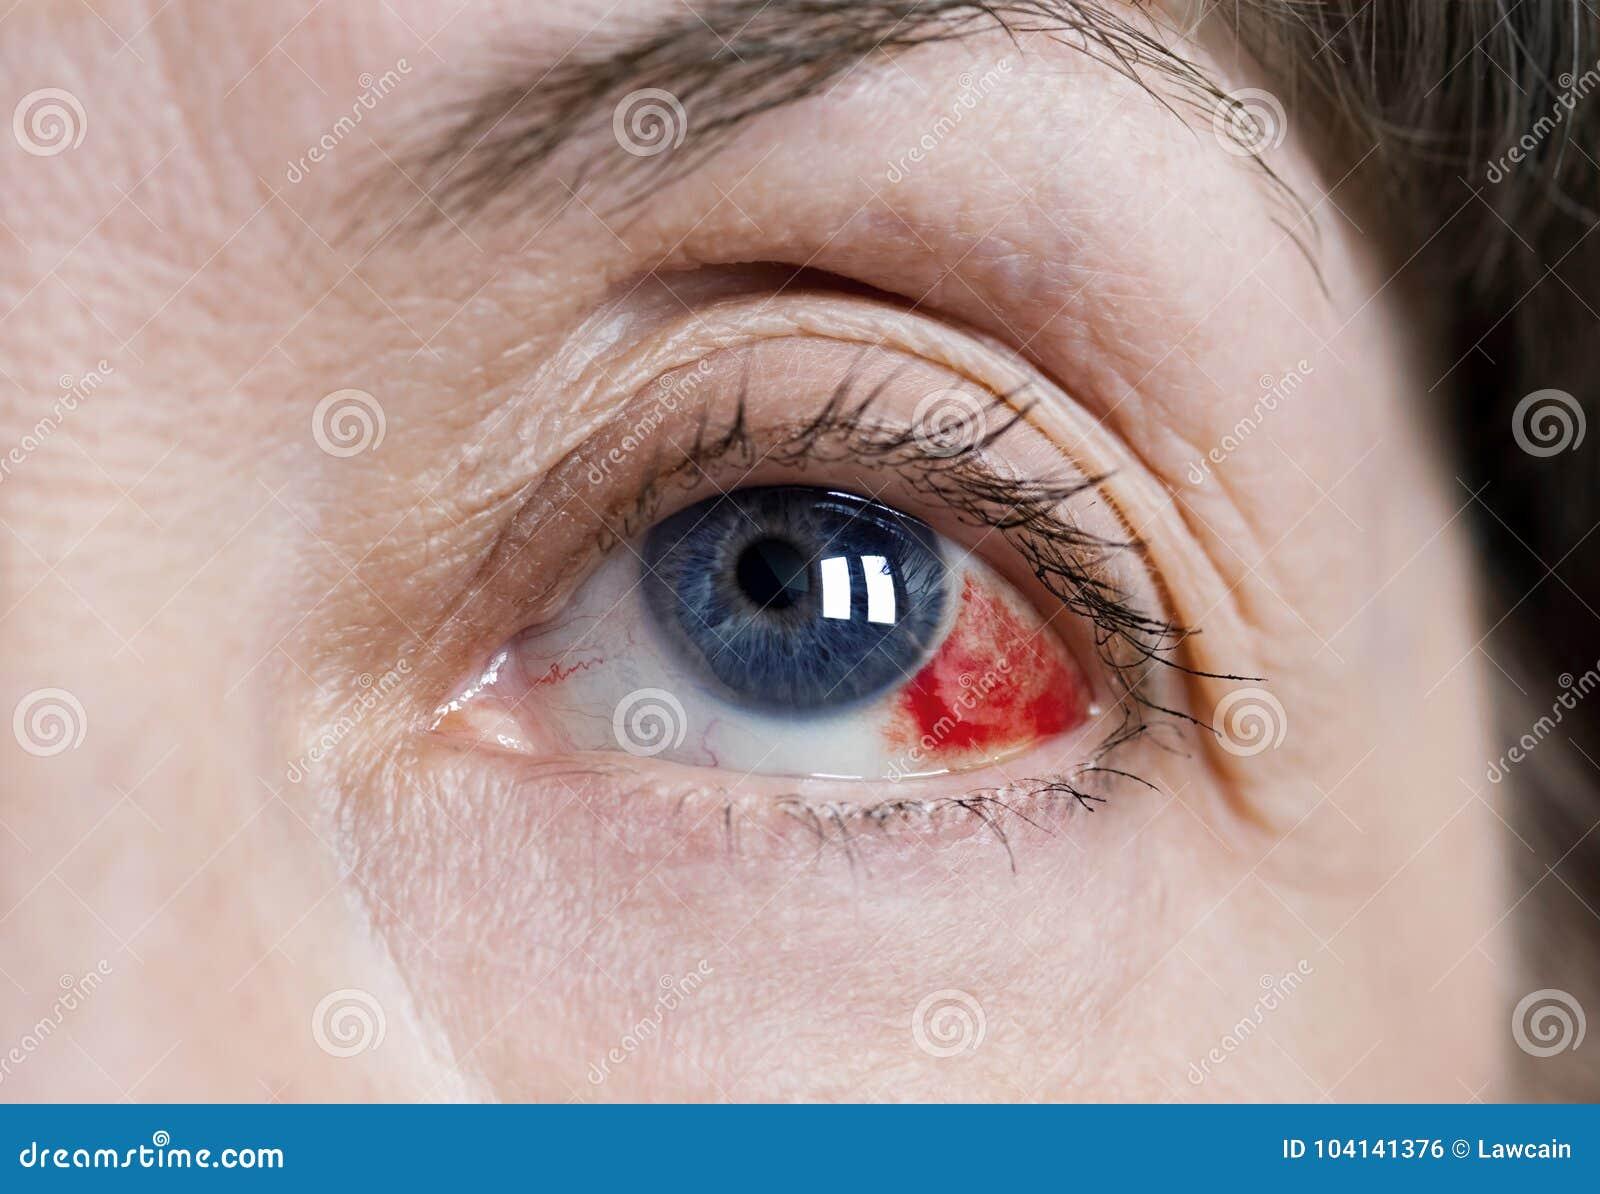 blod från ögat